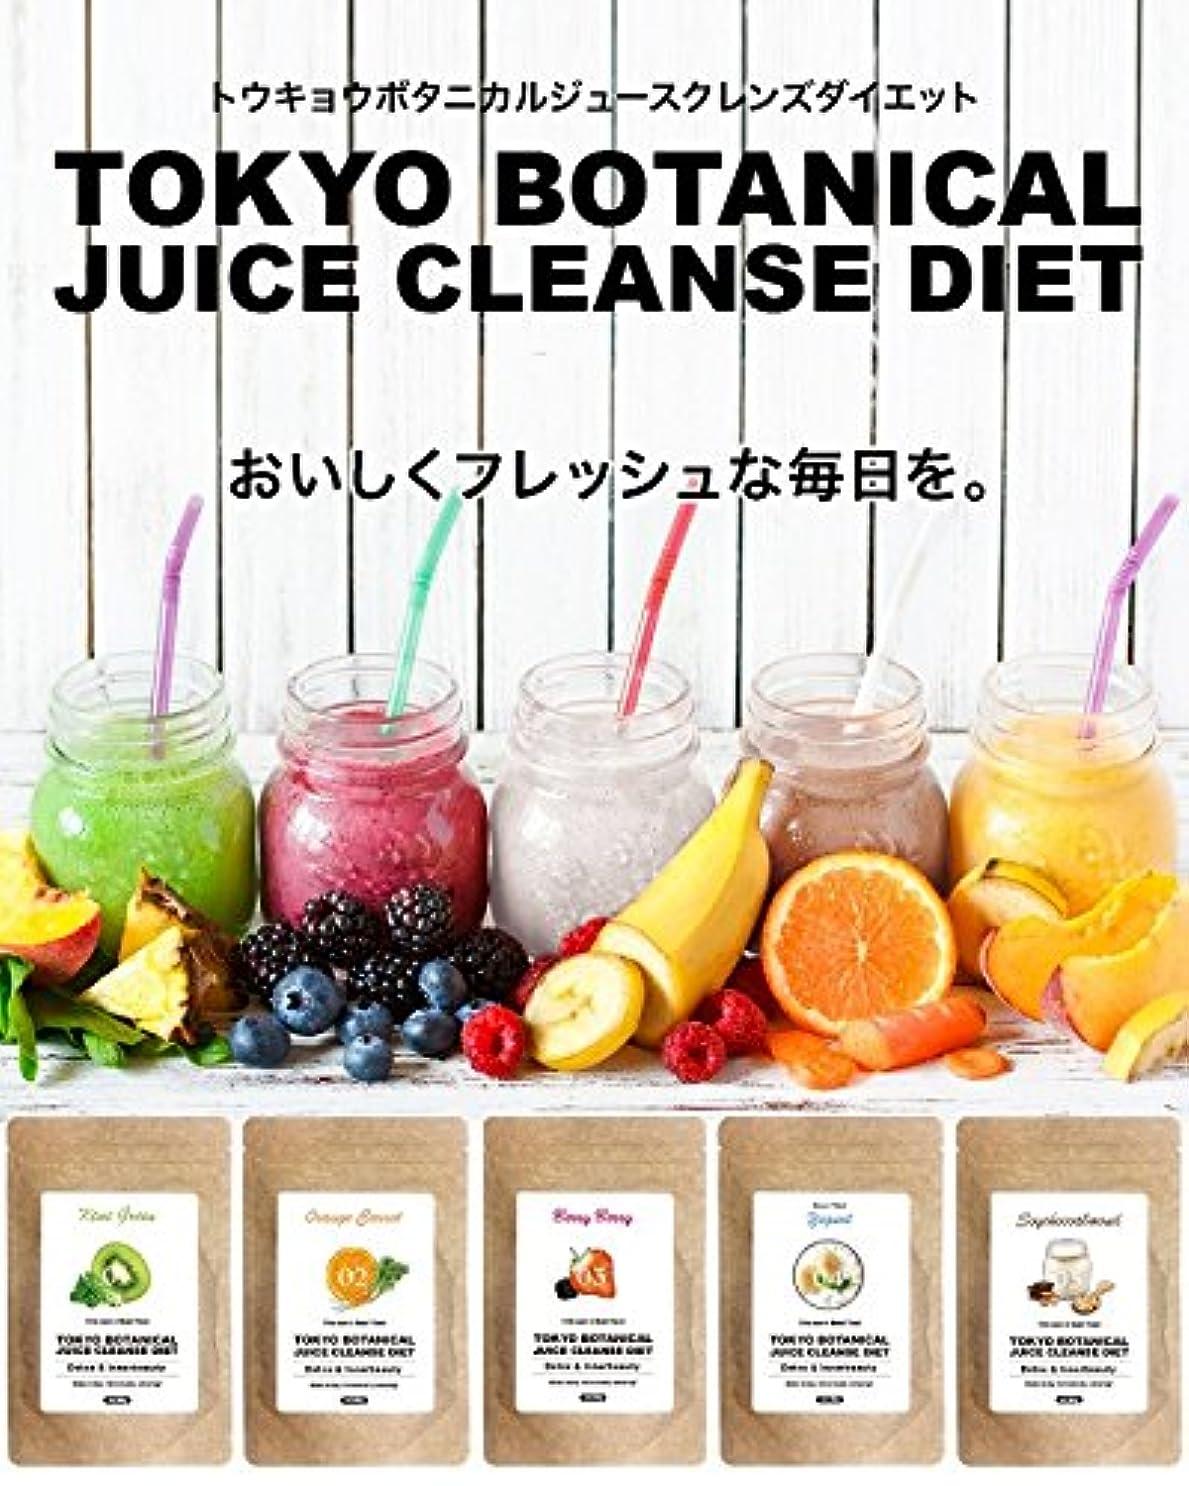 の中で仕様黒ダイエット 東京ボタニカルジュースクレンズダイエット  キウイグリーン&オレンジキャロットセット